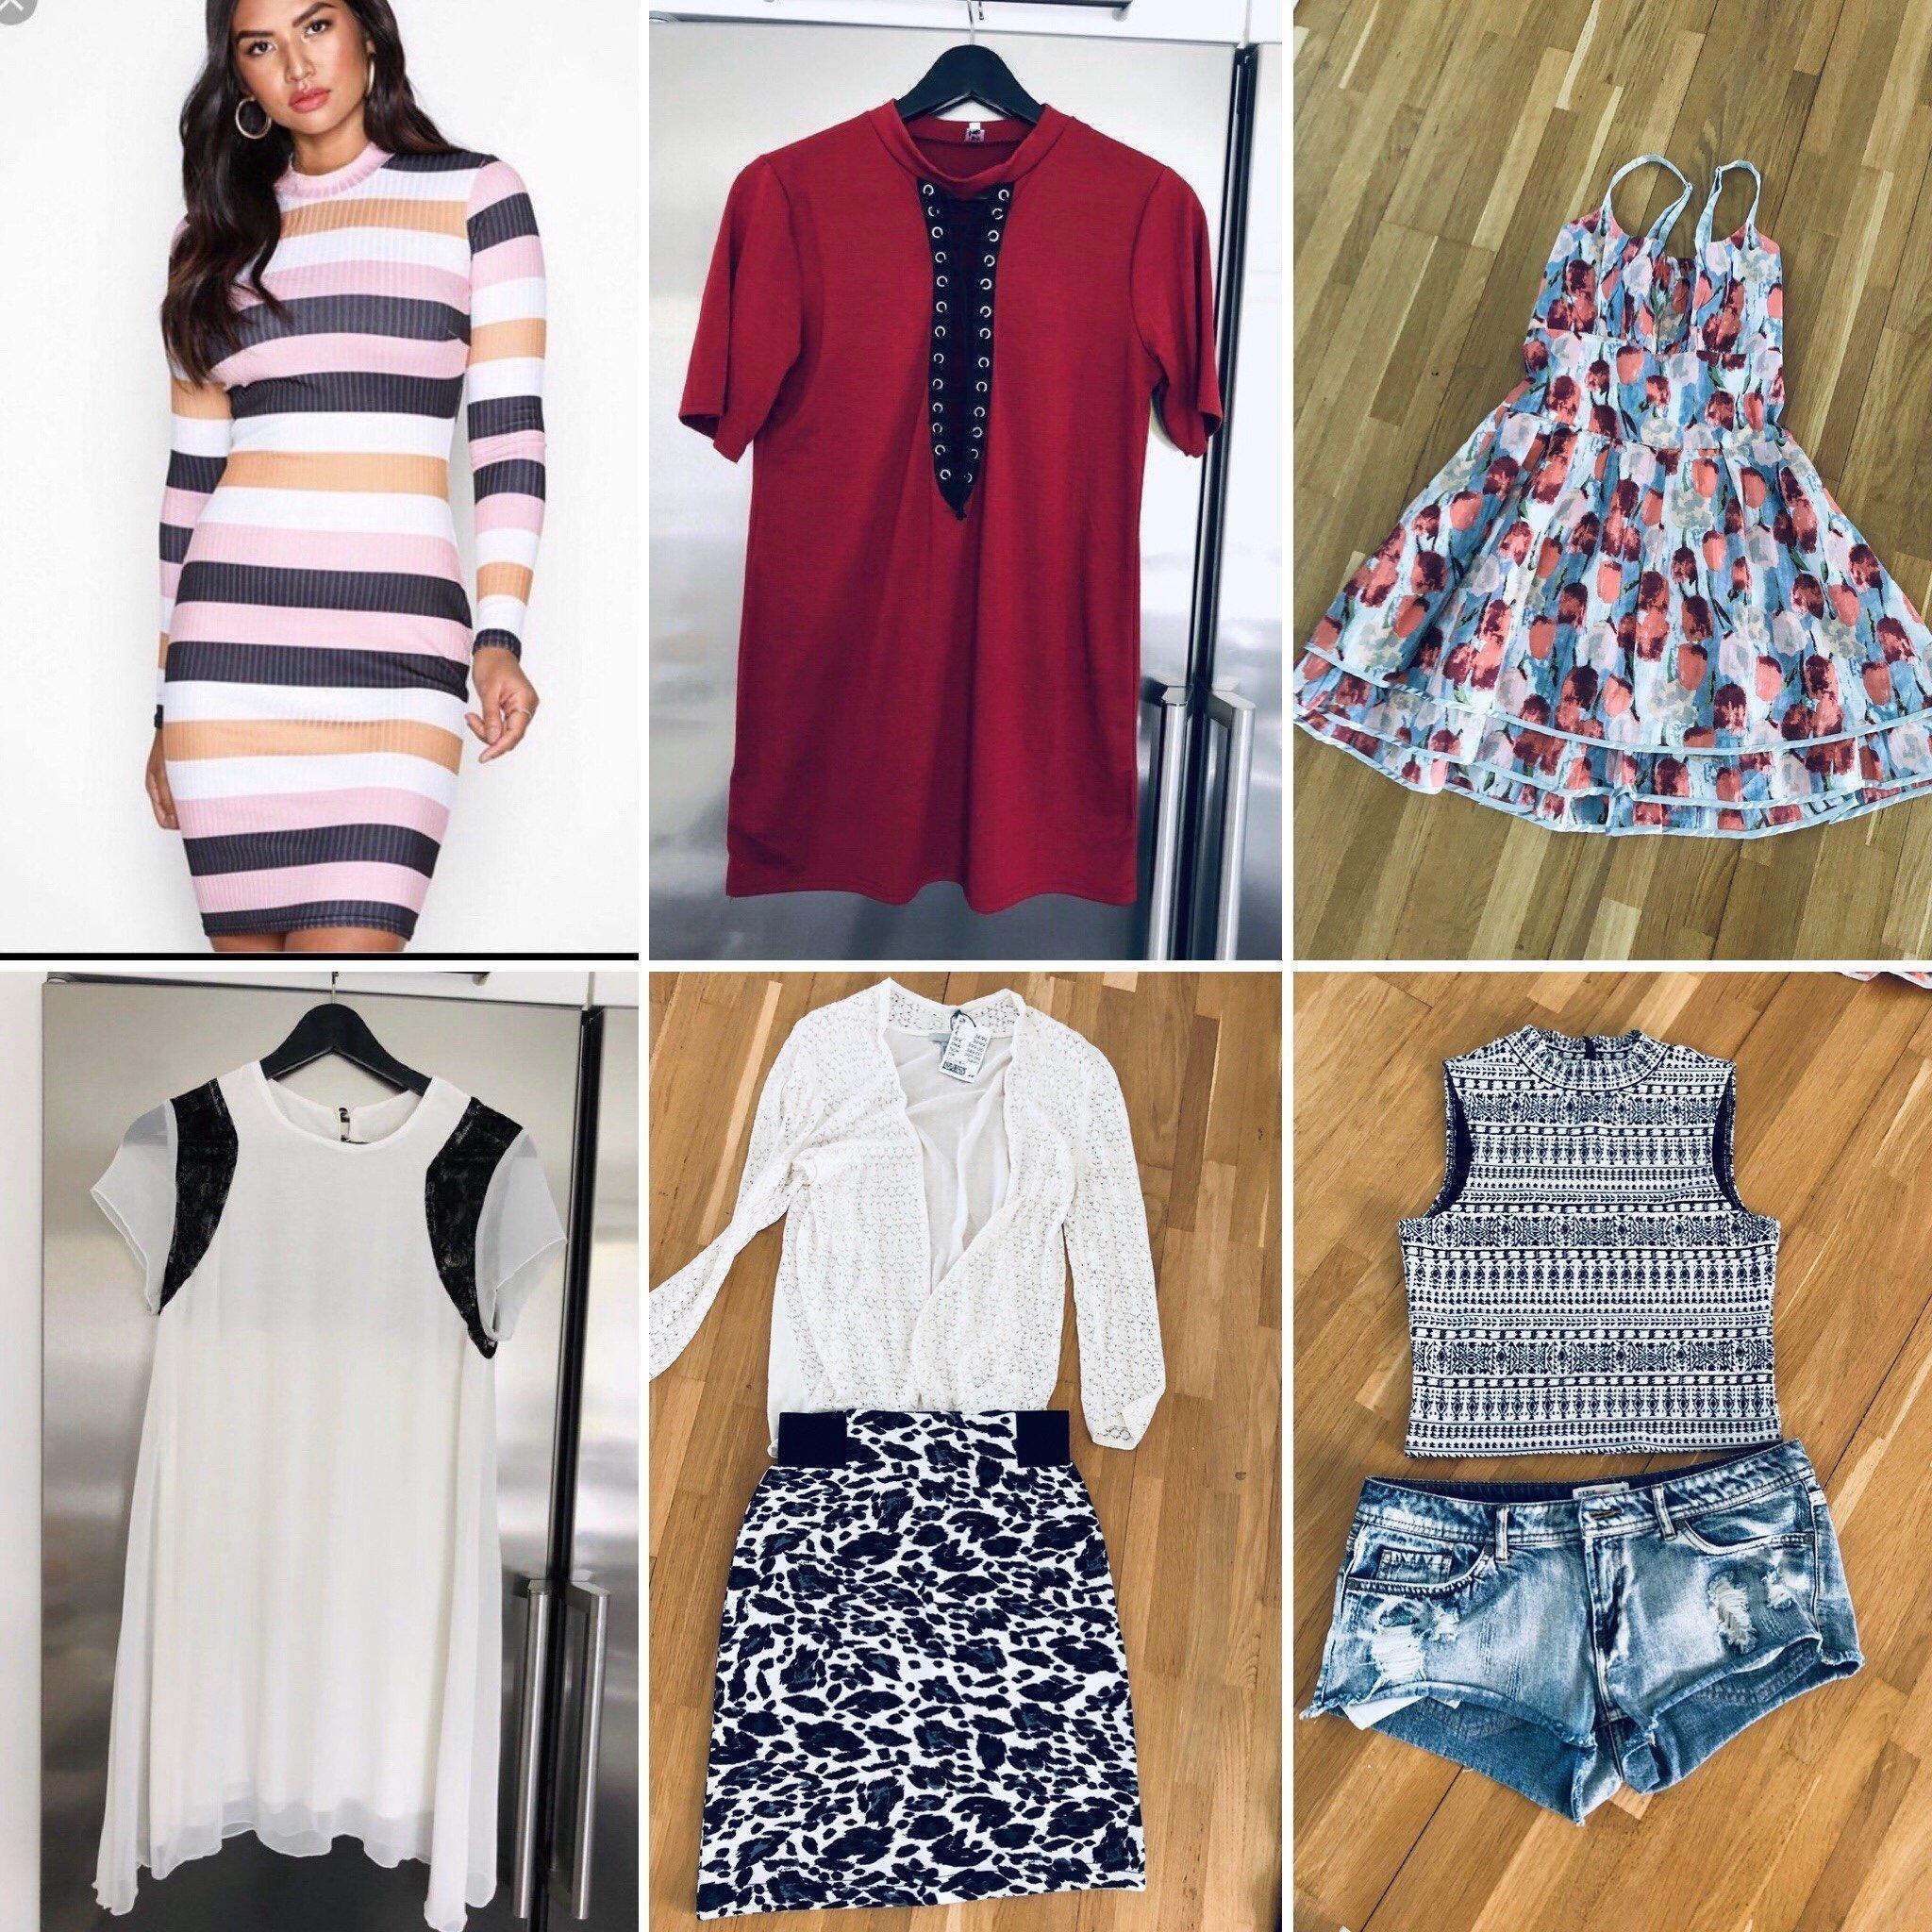 a7904449805e Nytt klädpaket st s/m fina märkes kläder (353832170) ᐈ Köp på Tradera